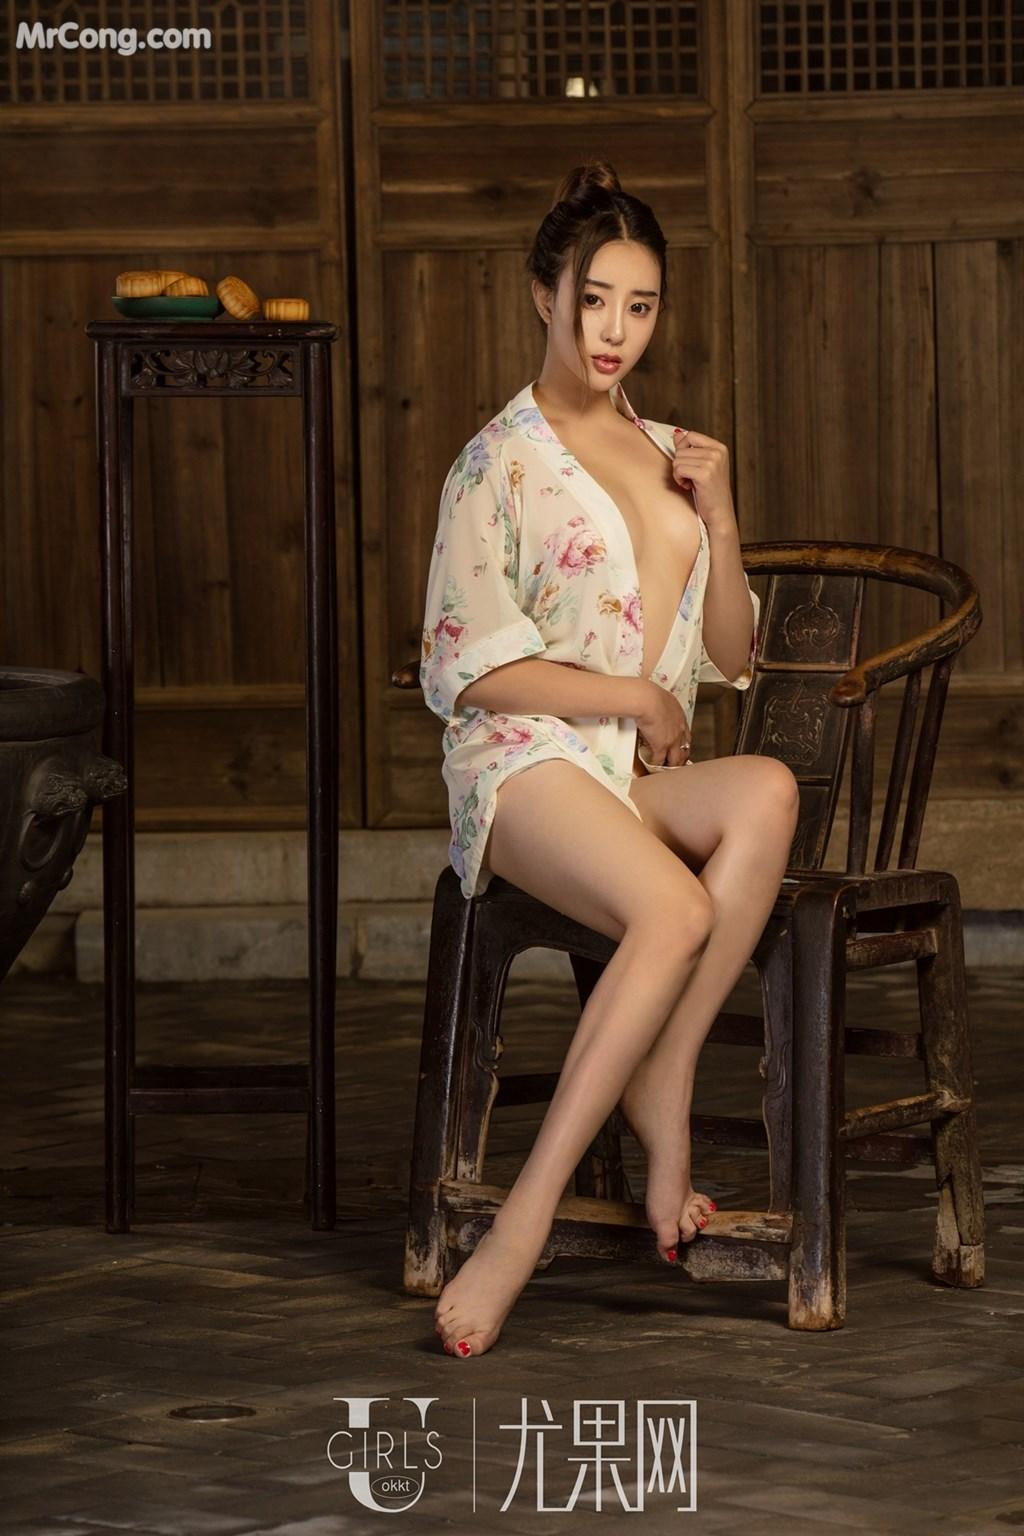 Image UGIRLS-T027-Zhao-Zhi-Yan-and-Xiao-Hui-MrCong.com-005 in post UGIRLS T027: Người mẫu Zhao Zhi Yan (赵智妍) và Xiao Hui (筱慧) (66 ảnh)